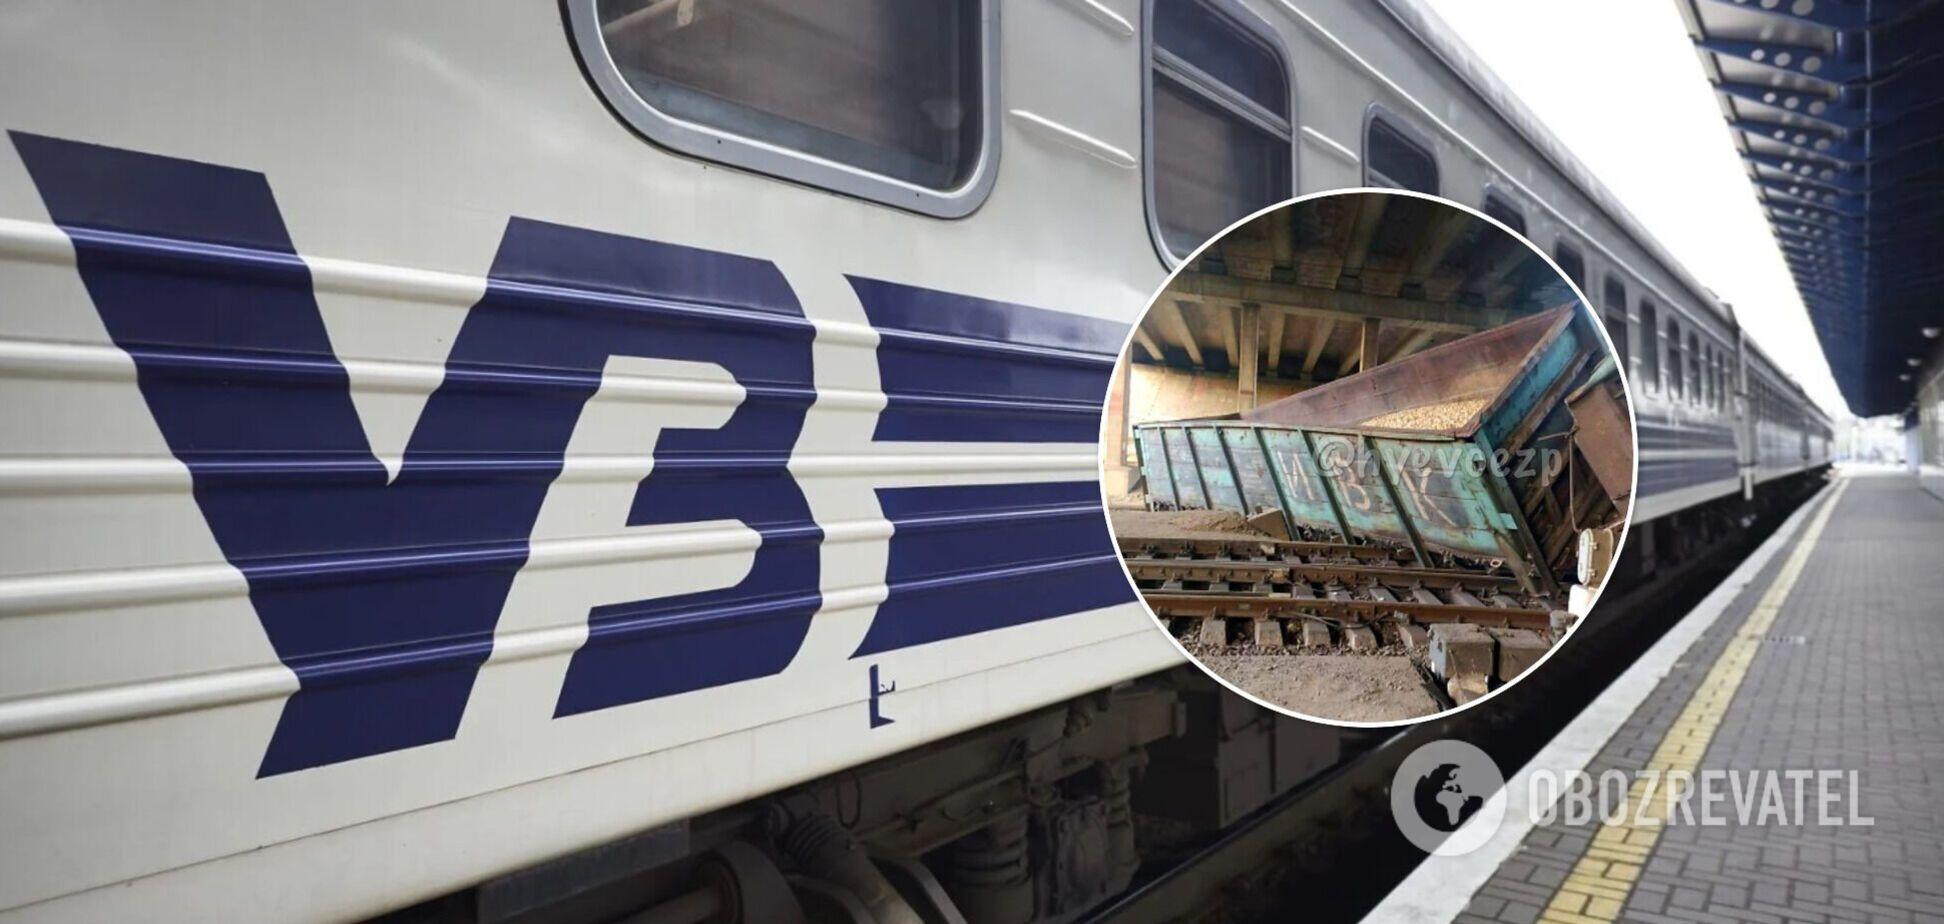 В Запорожье сошел с рельсов грузовой поезд: в УЗ предупредили пассажиров о задержках